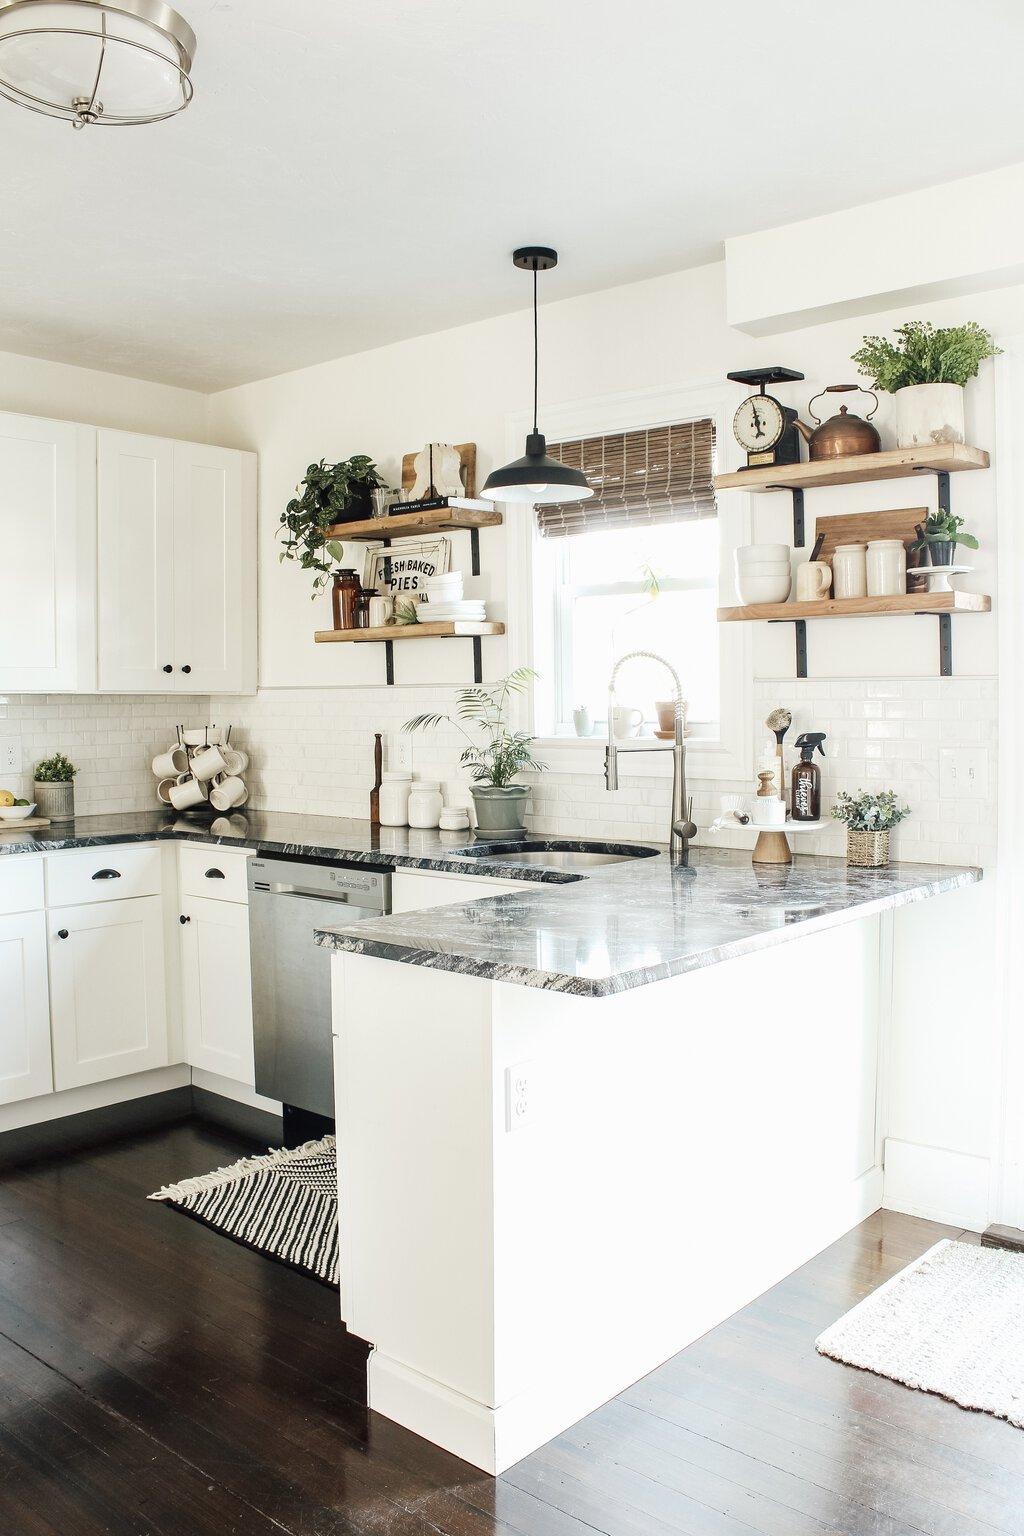 Modern Farmhouse Kitchen Makeover Reveal - Micheala Diane ... on Farmhouse Kitchen Ideas  id=99167